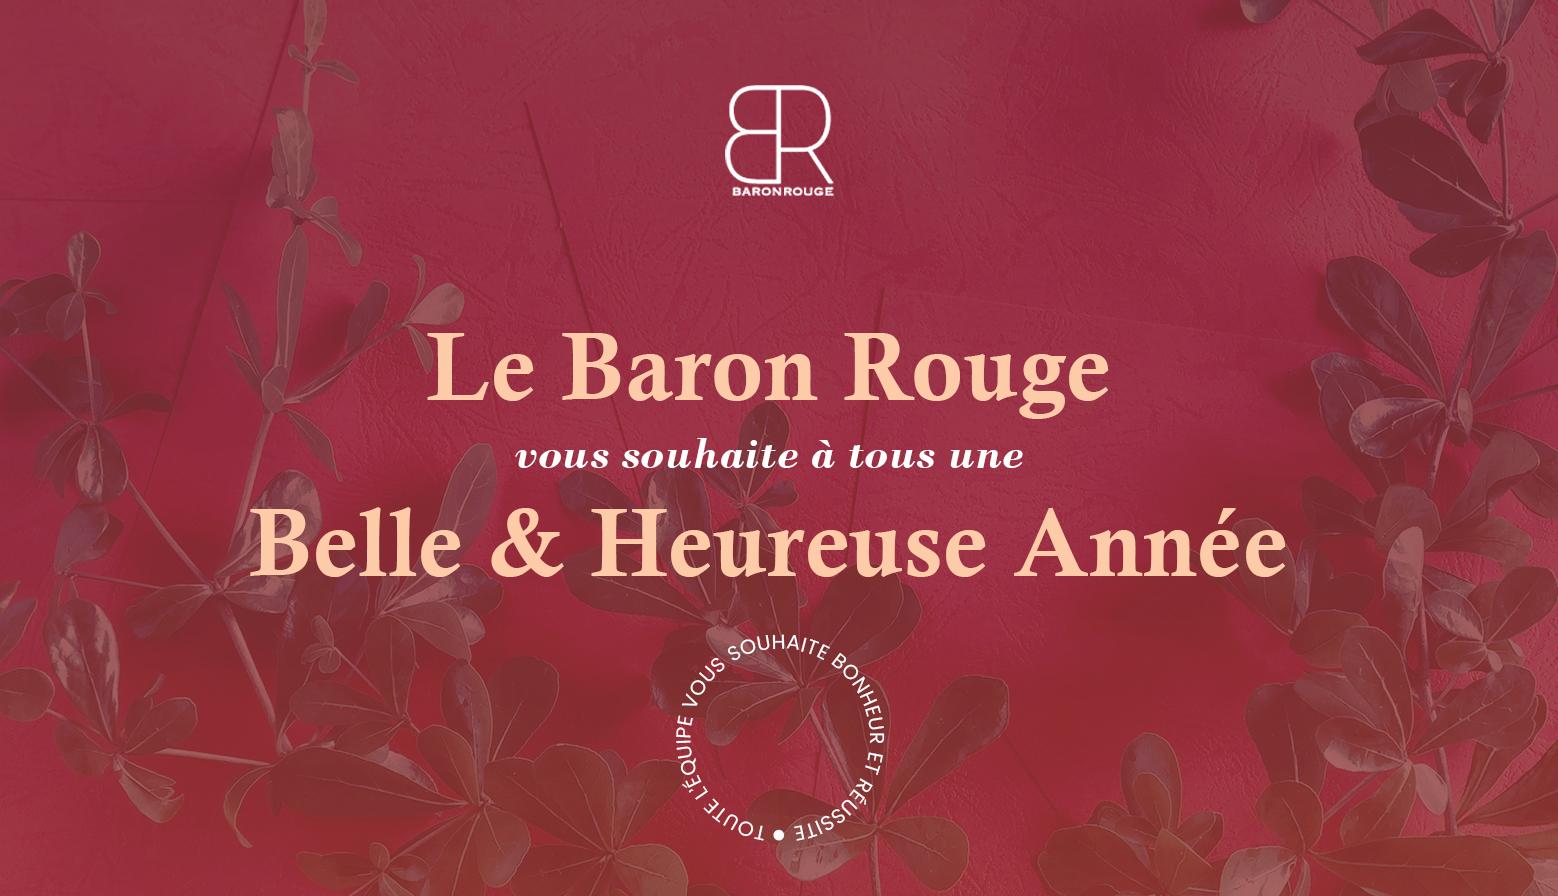 Le restaurant Baron Rouge vous souhaite une excellente année